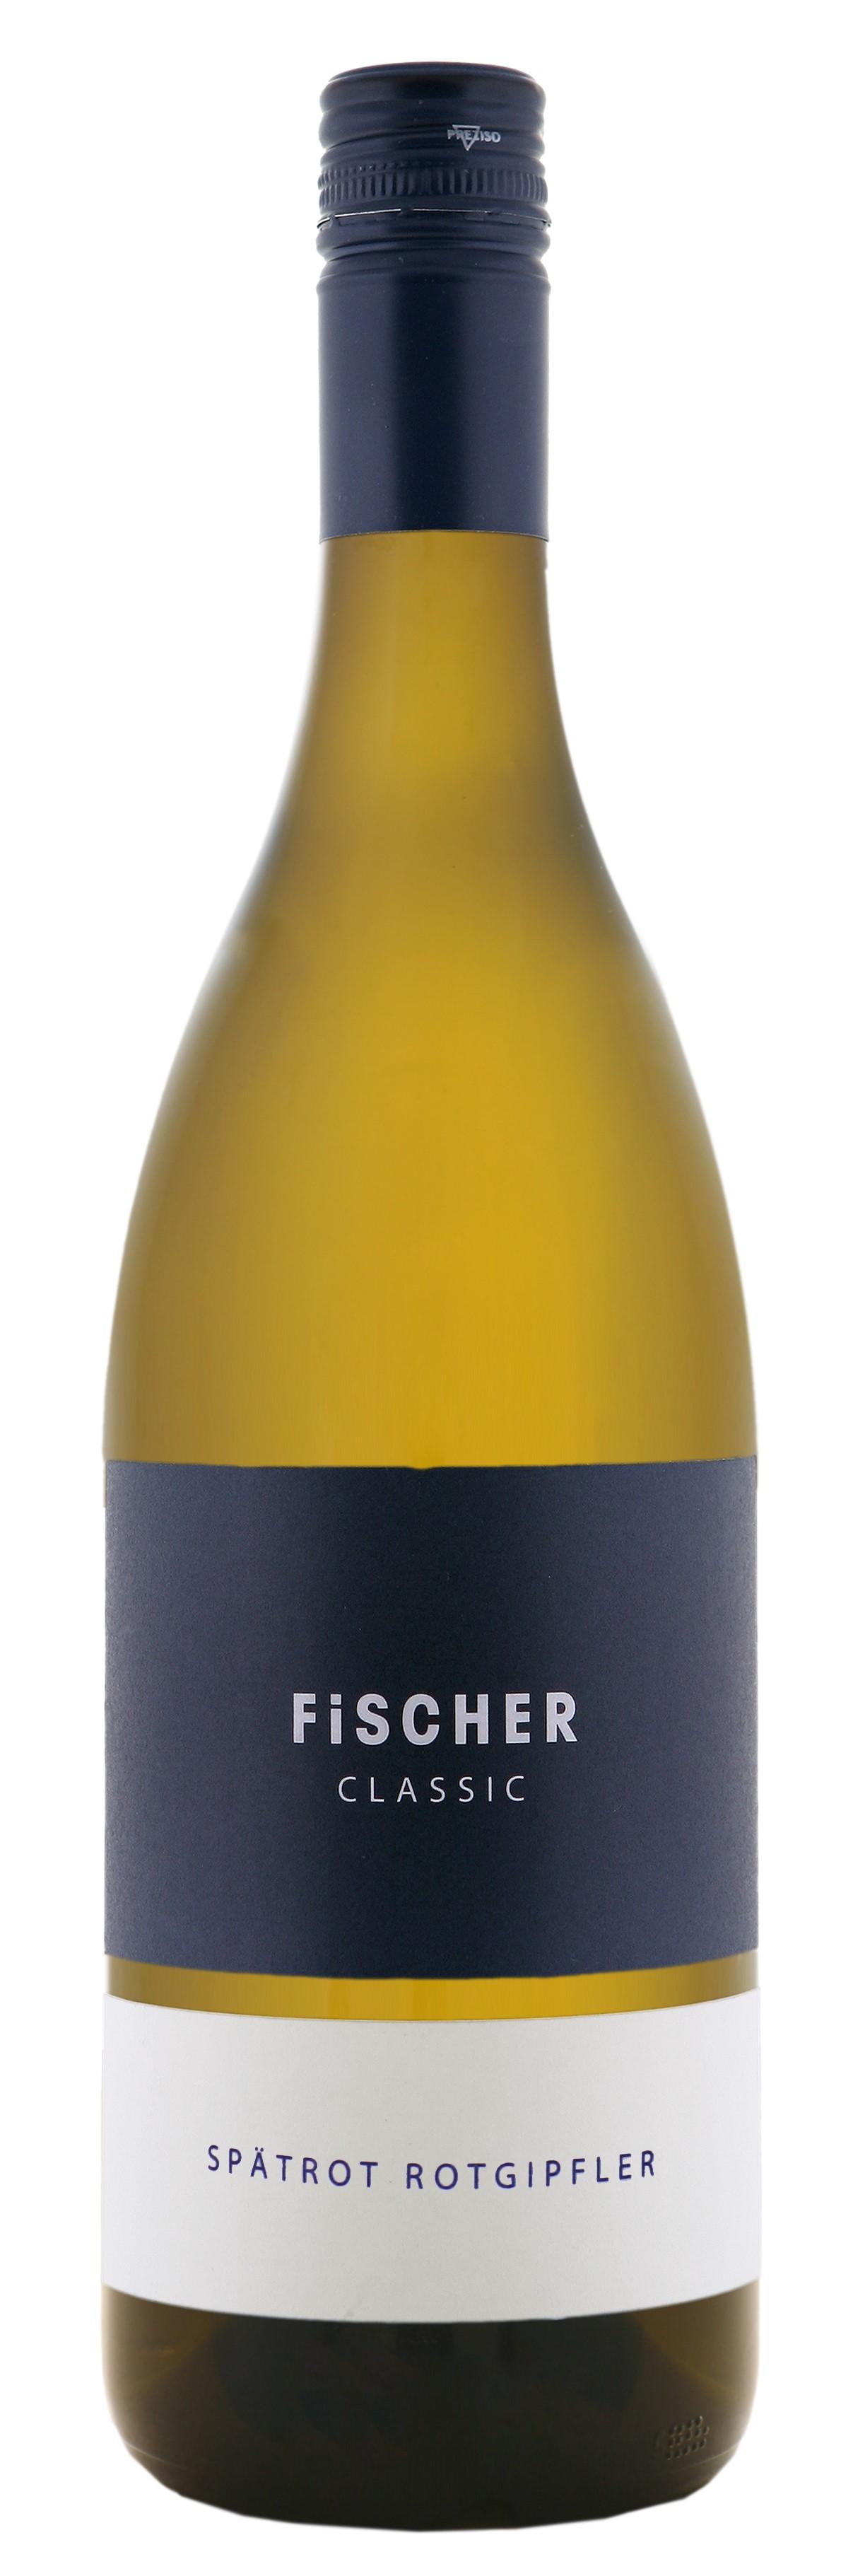 Weingut Fischer Spätrot-Rotgipfler Classic